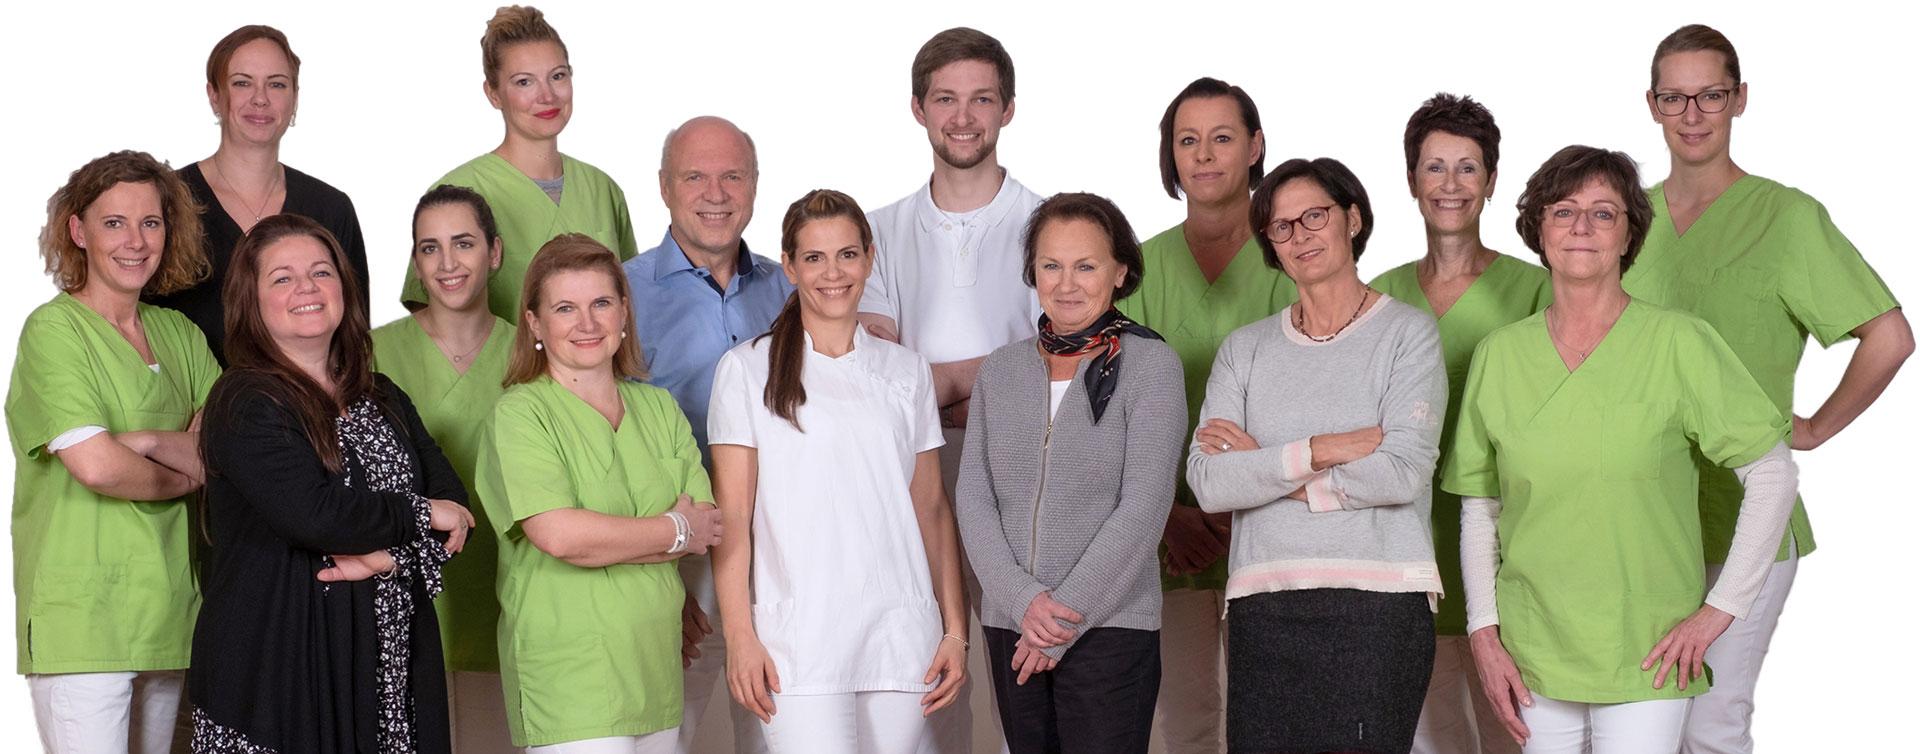 Zahnärzte Bremen-Nord (Lesum) - Unser Team